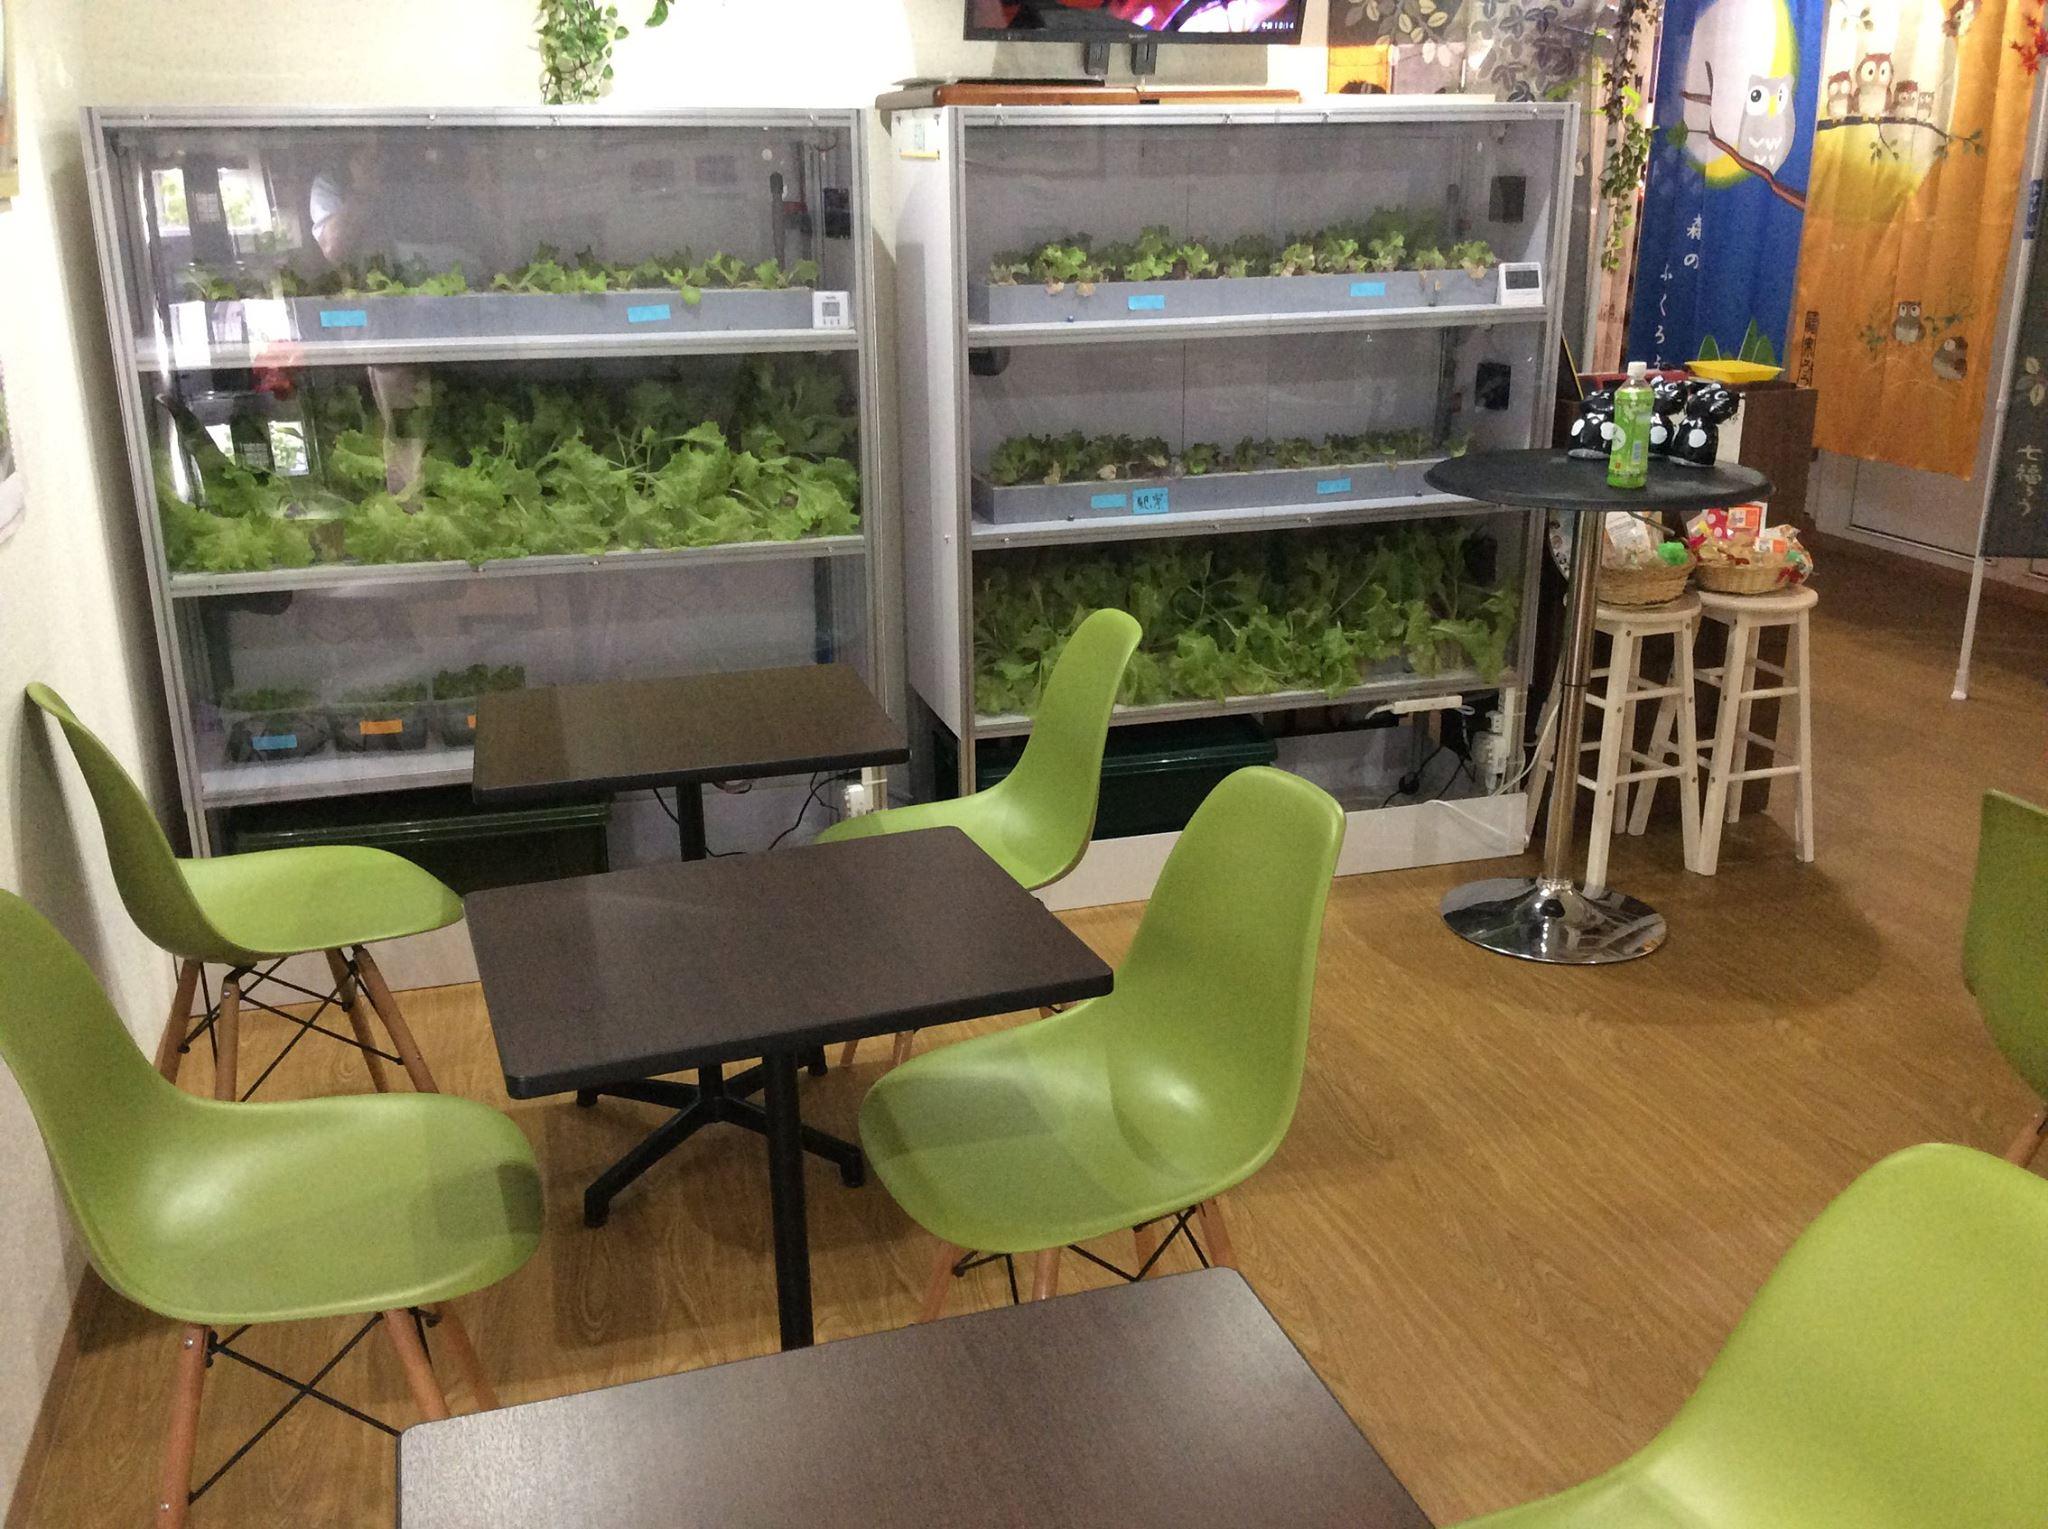 葛飾区新小岩の「グリーンカフェ」店内